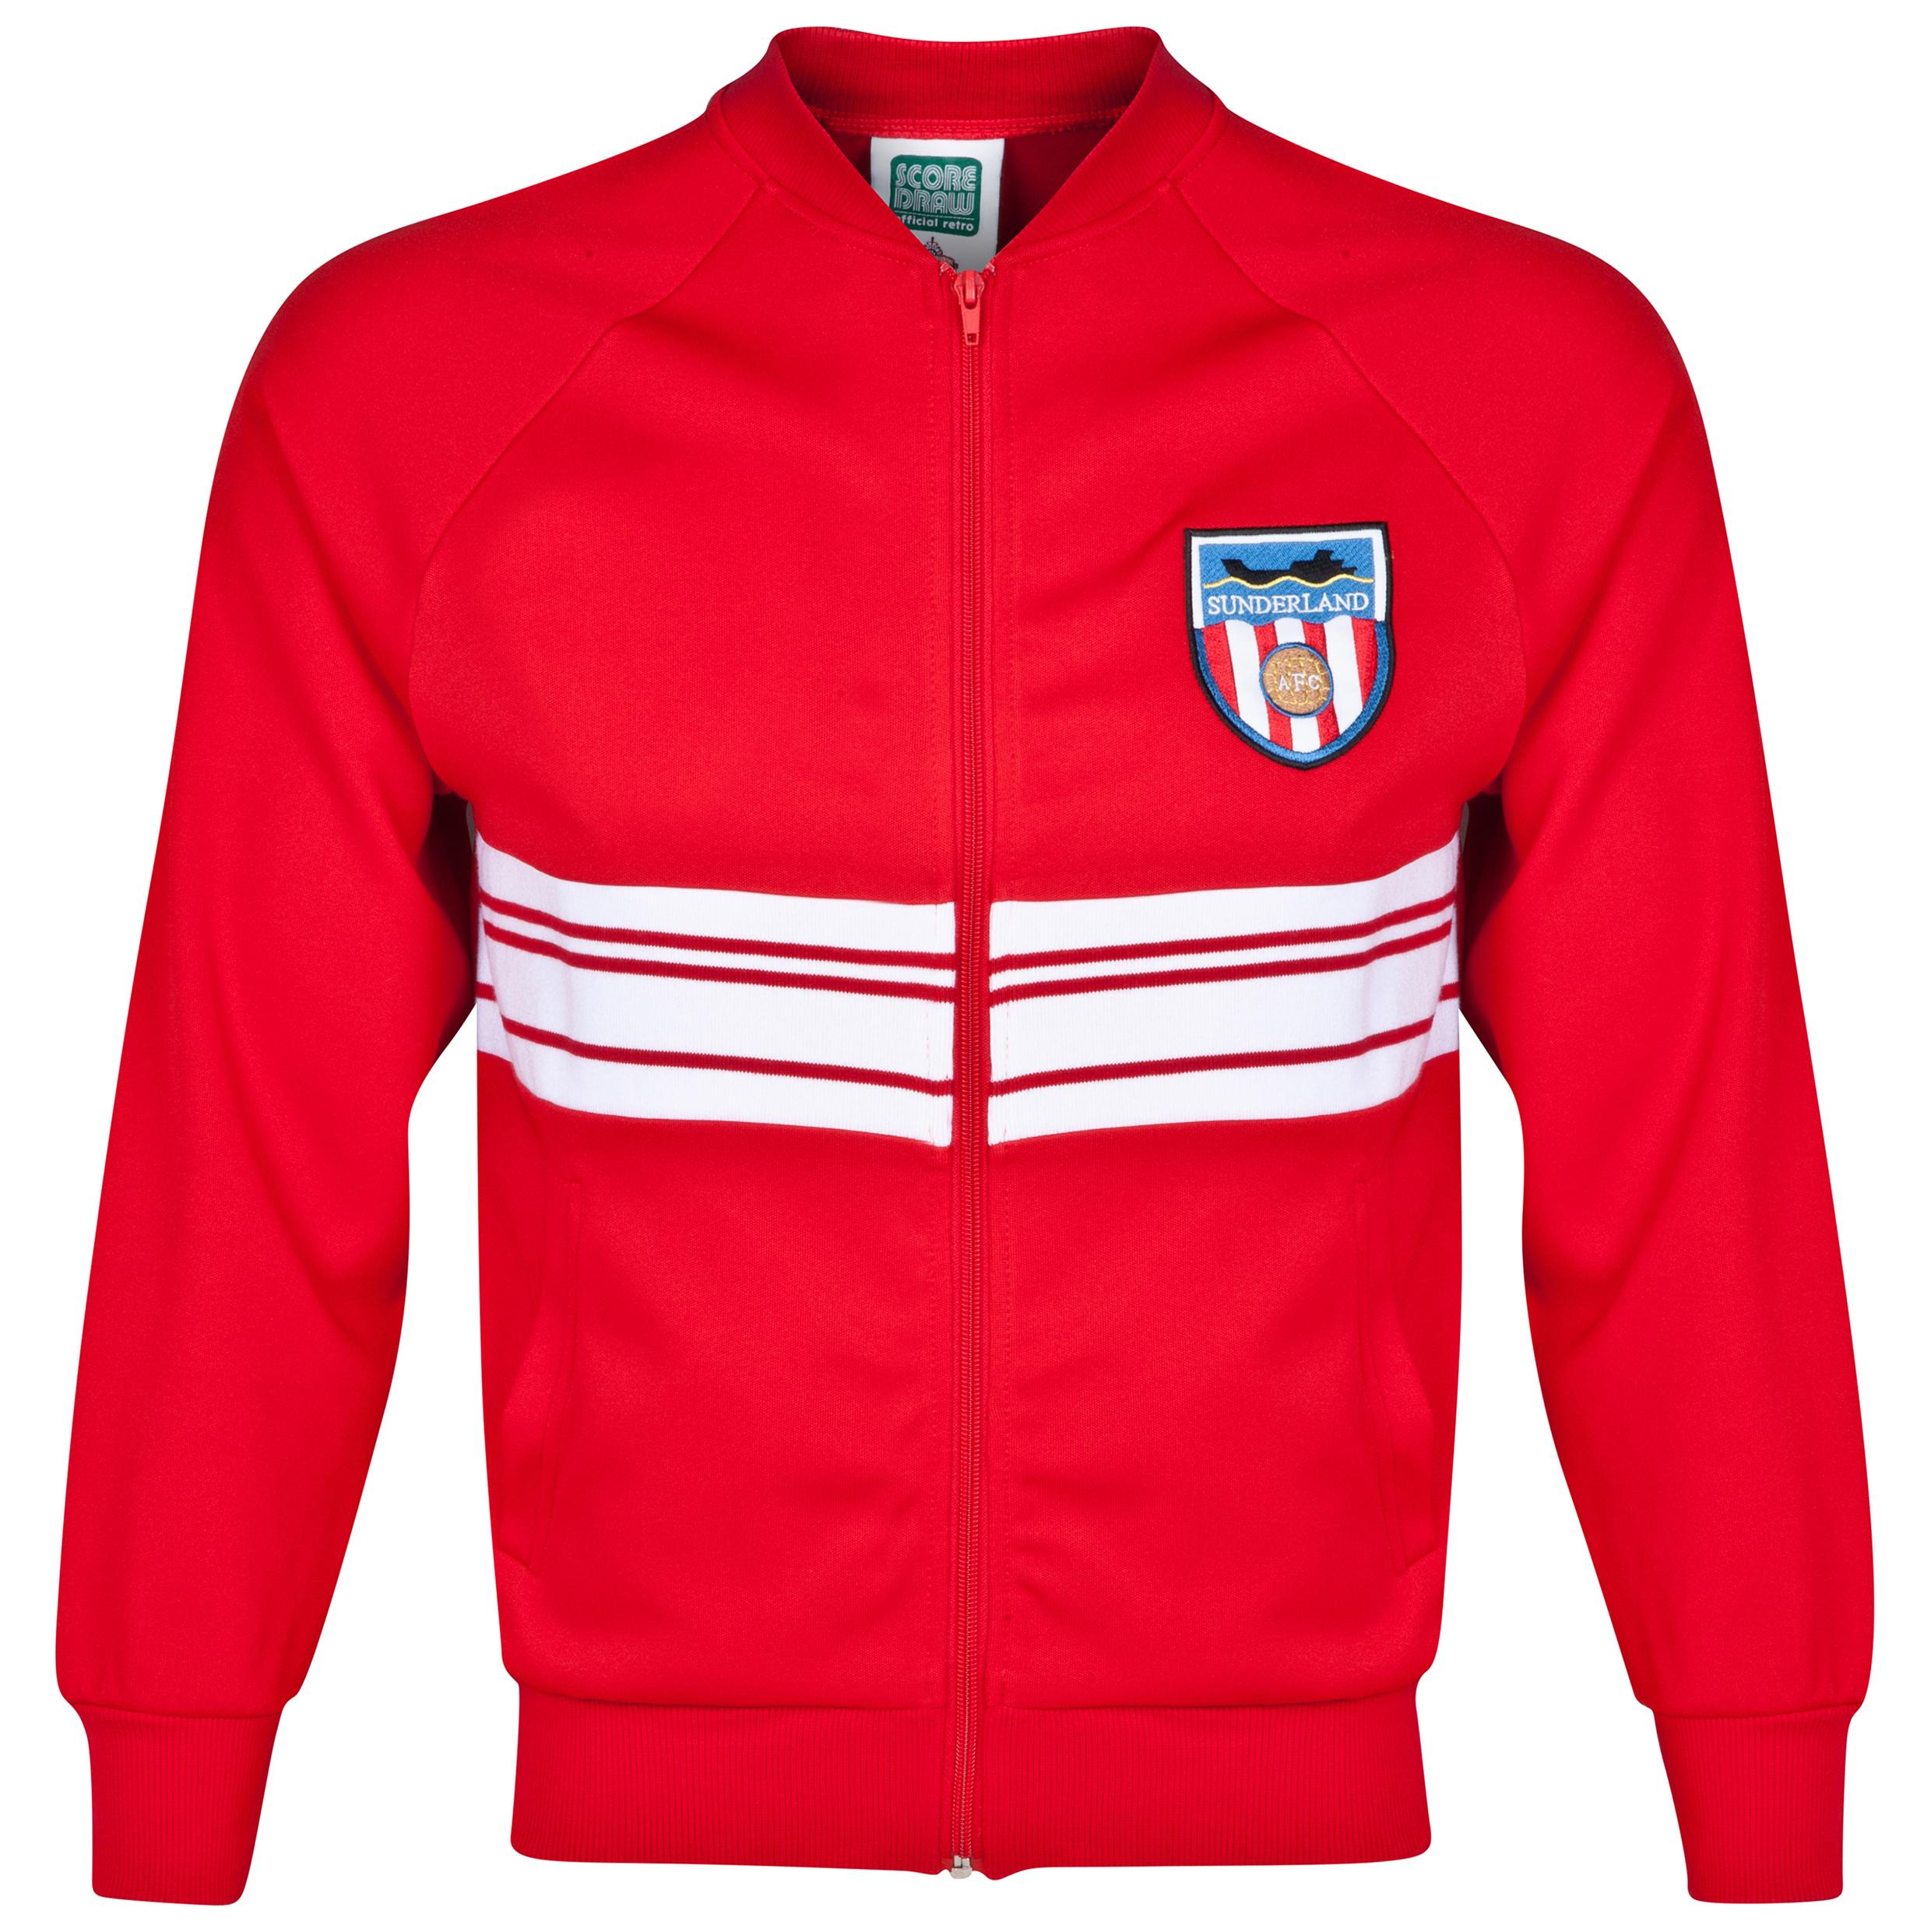 Sunderland 1982 Track Jacket